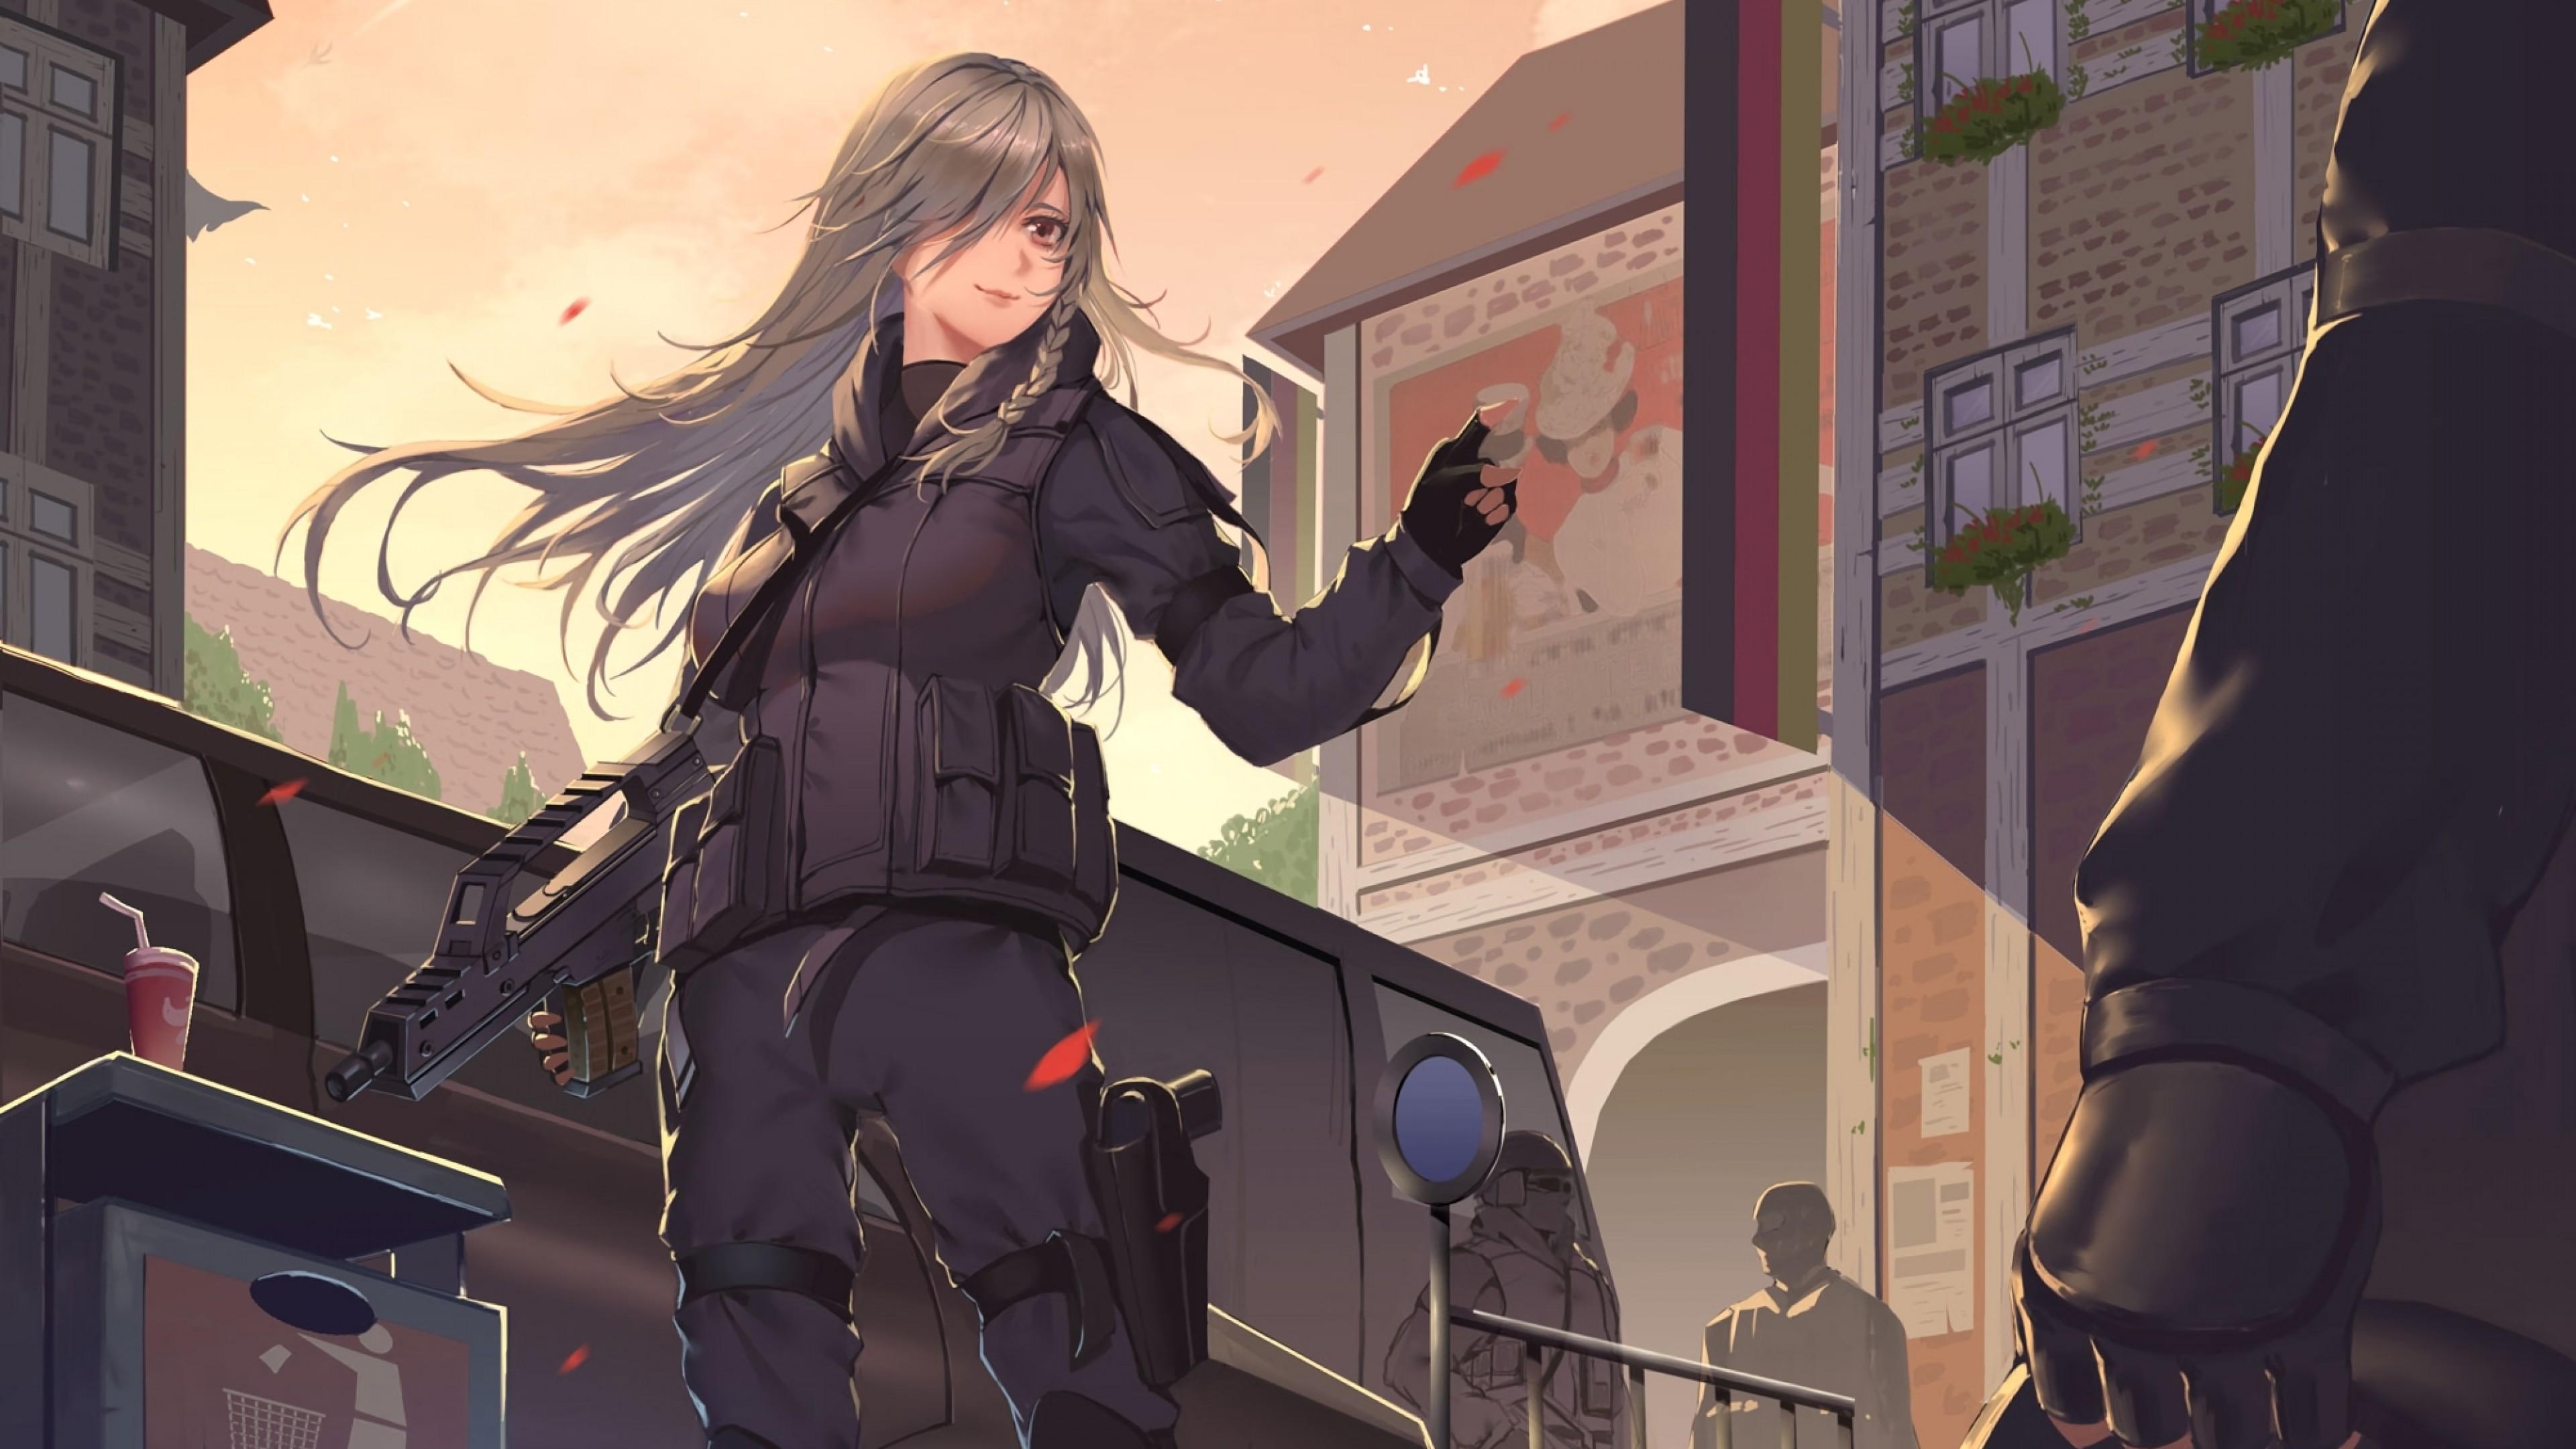 Hình ảnh anime tóc bạch kim đặc nhiệm xinh gái